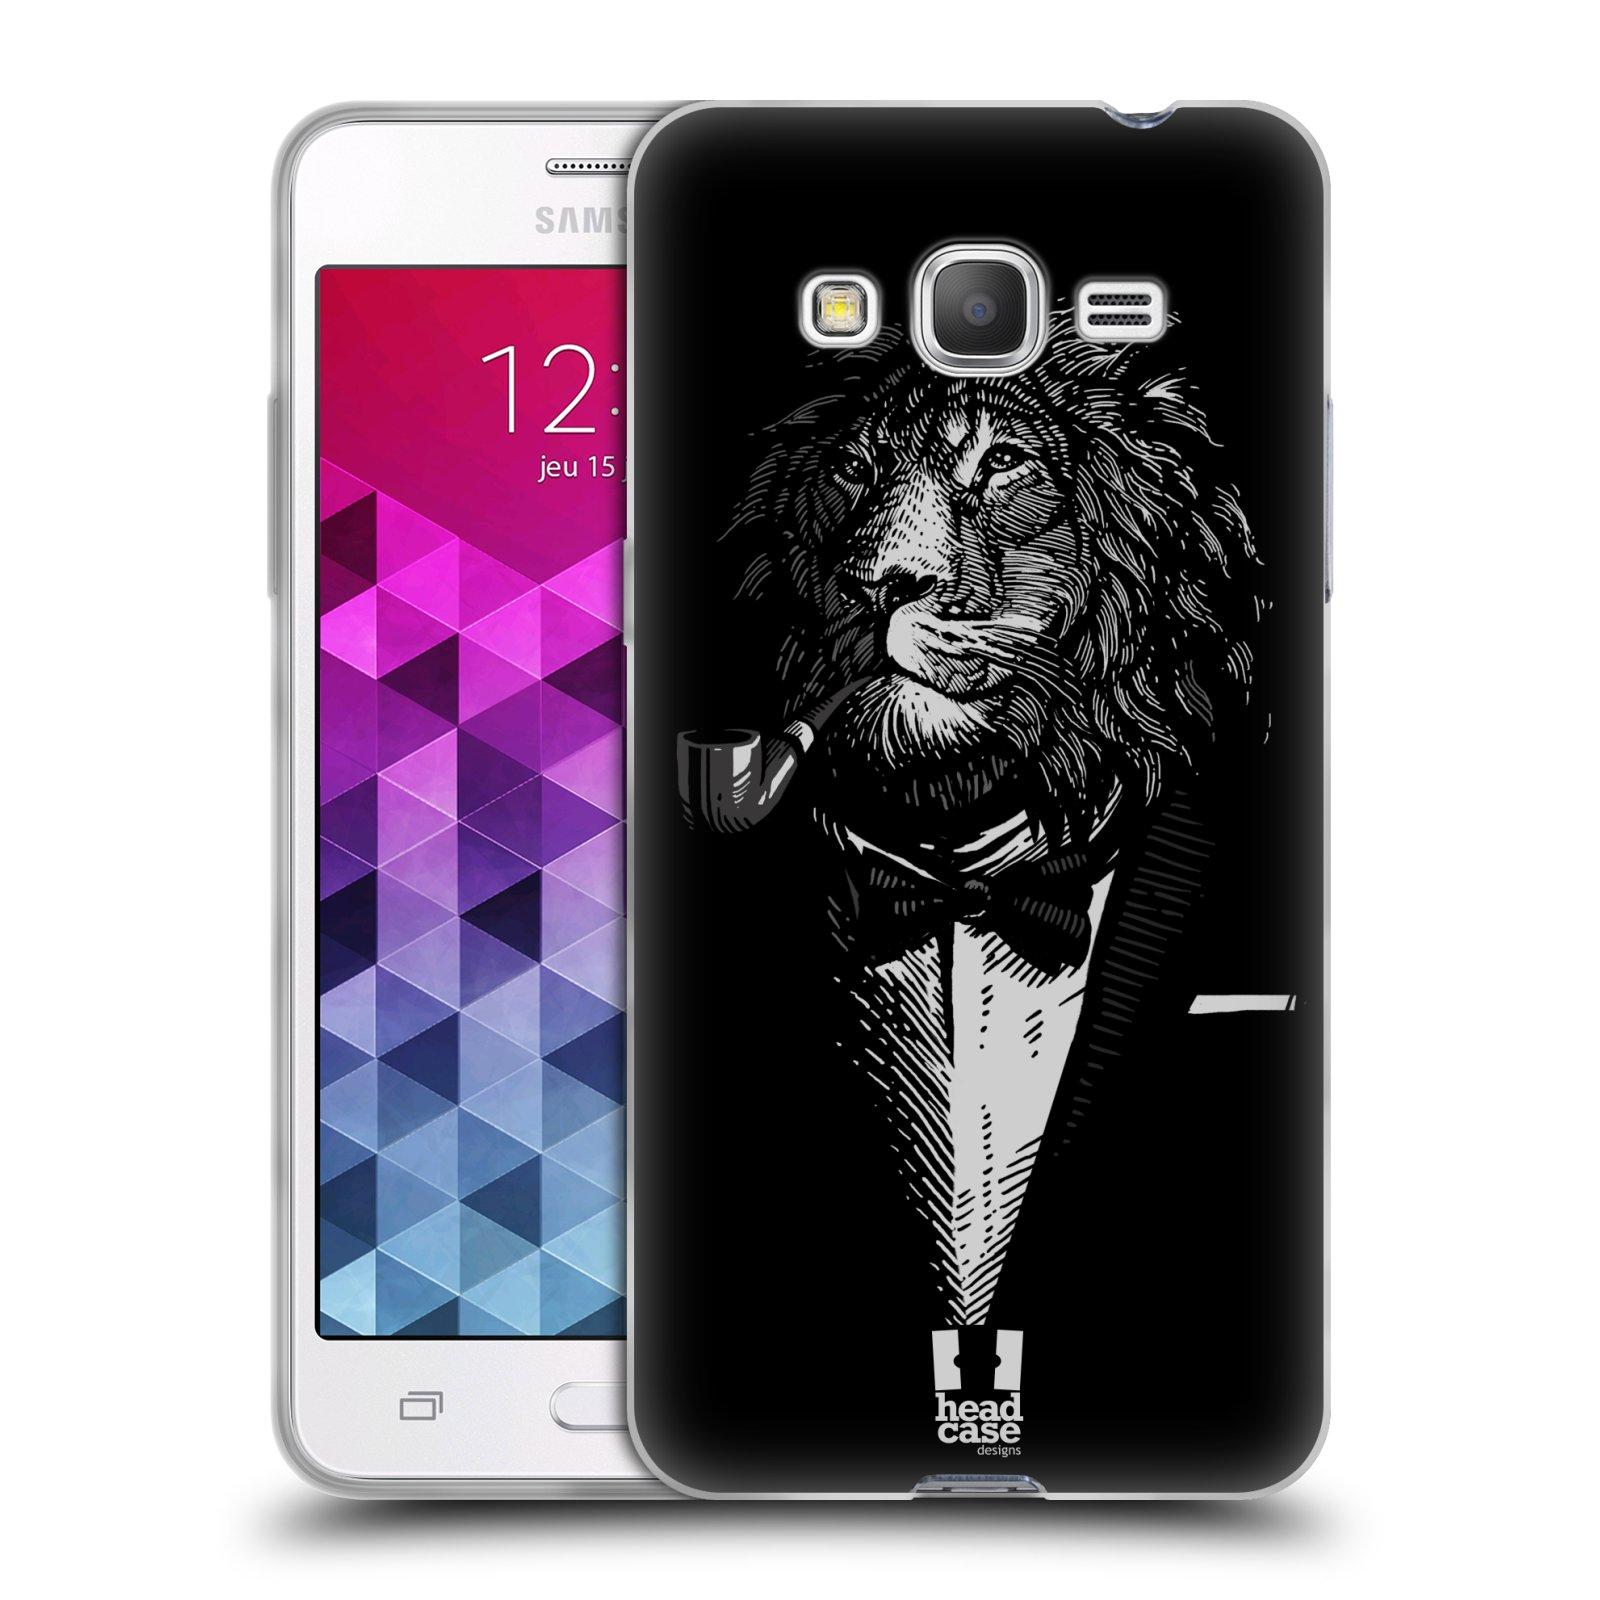 Silikonové pouzdro na mobil Samsung Galaxy Grand Prime HEAD CASE LEV V KVÁDRU